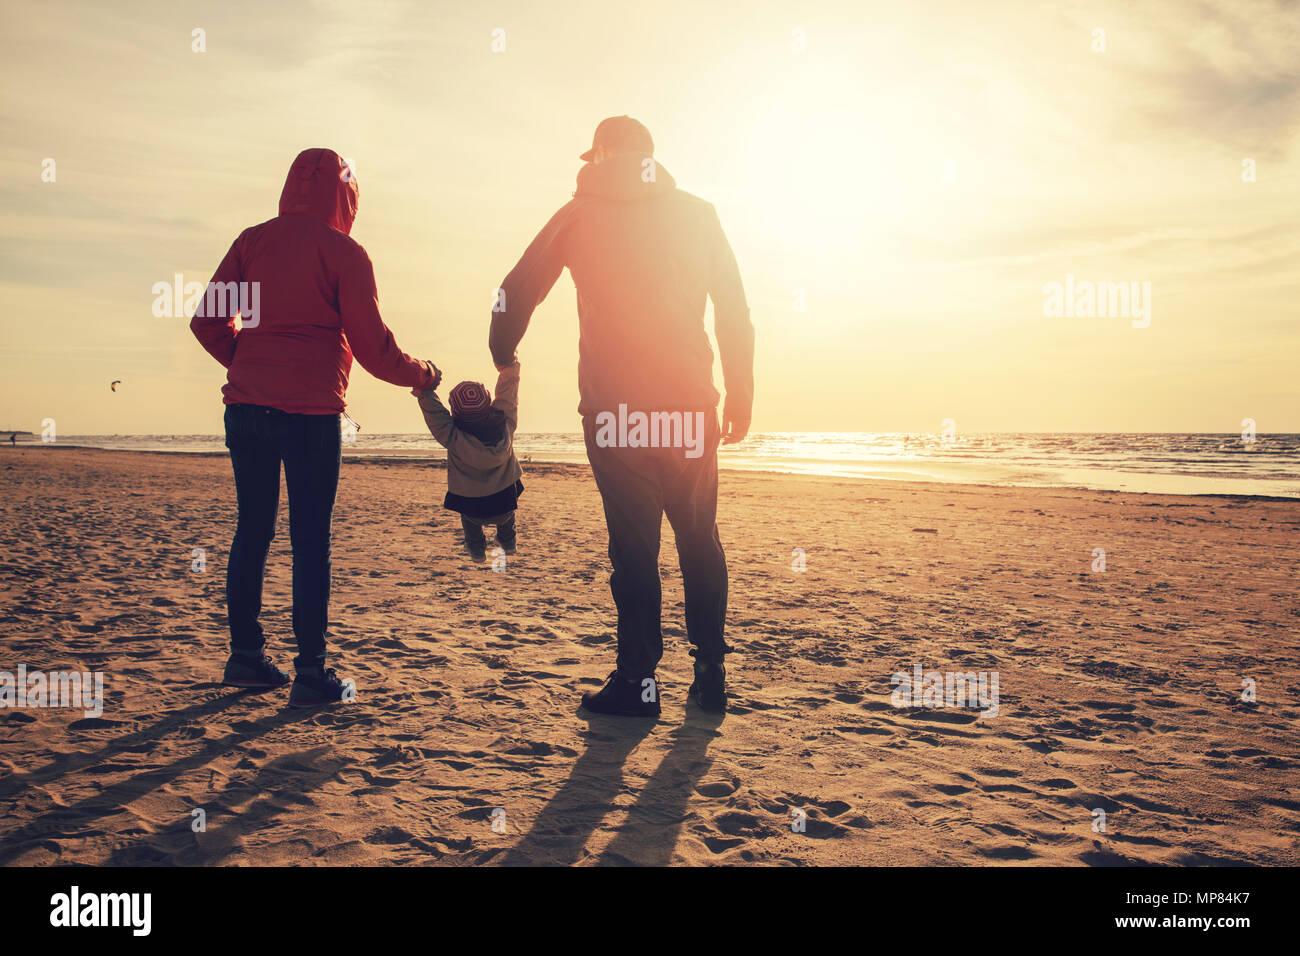 La madre y el padre del niño balanceo de los brazos en la playa en el atardecer. Imagen De Stock